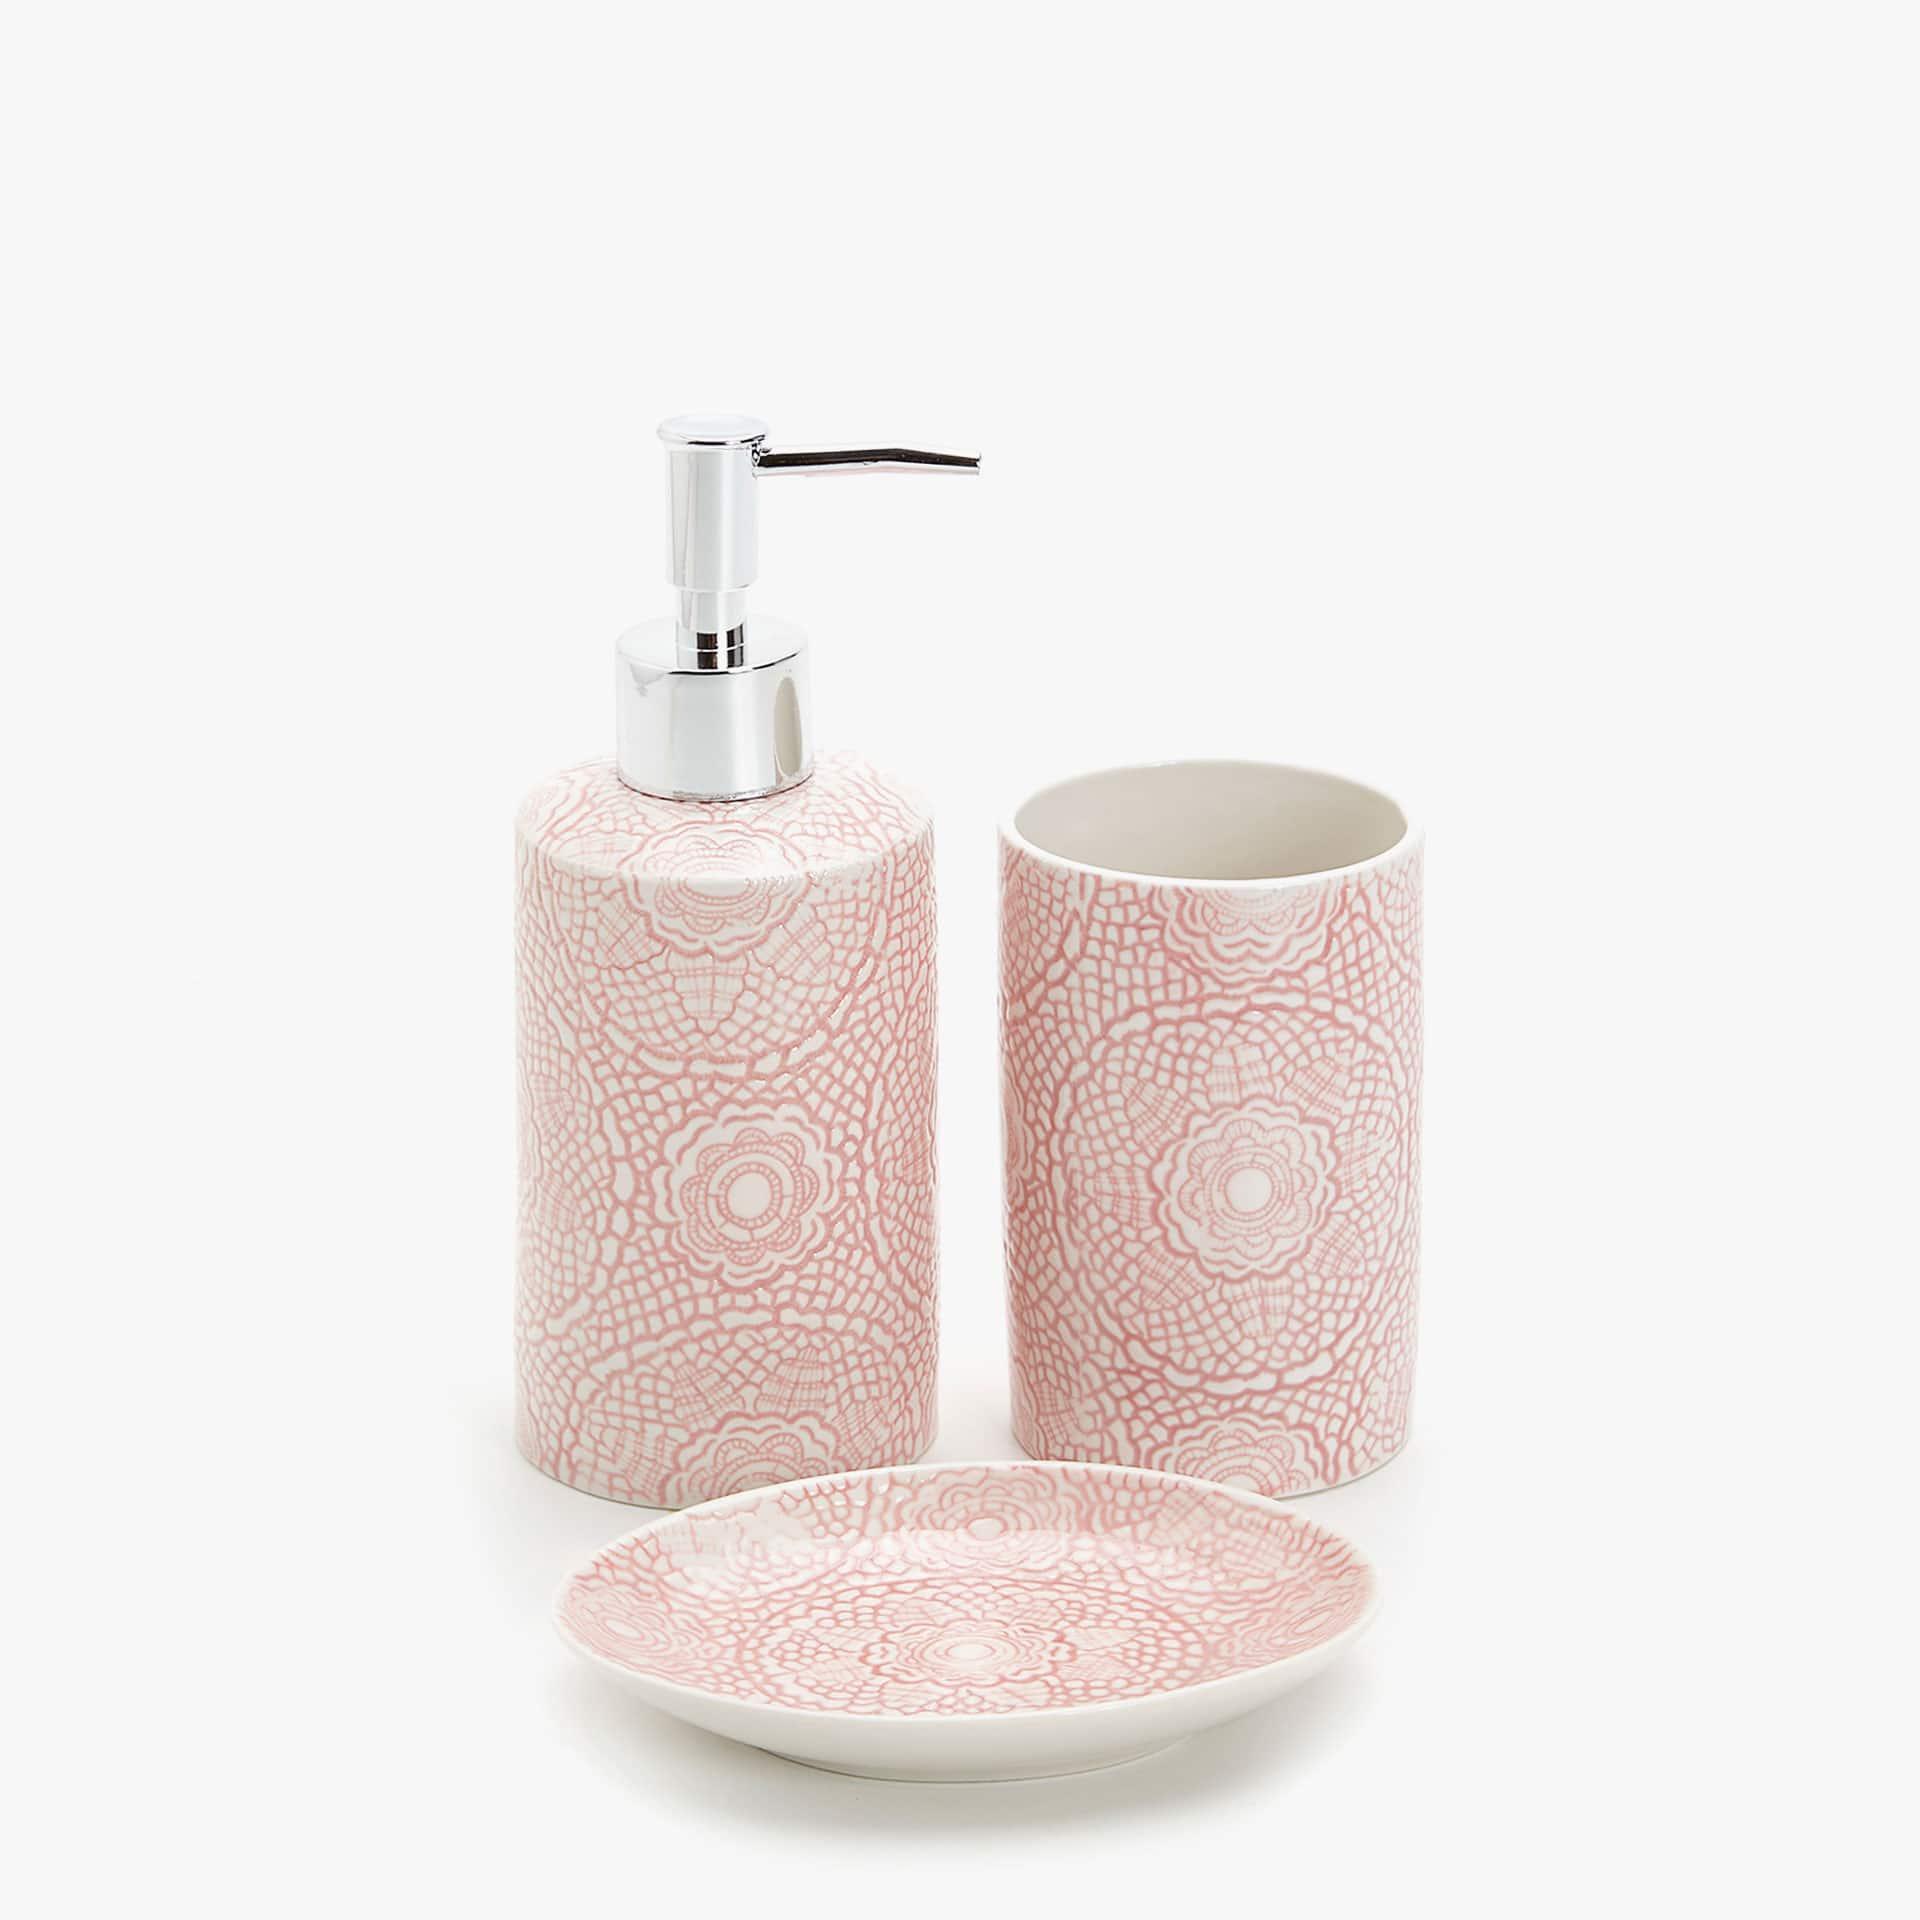 Genial accesorios ba o zara home fotos toallas for Zara home toallas bano